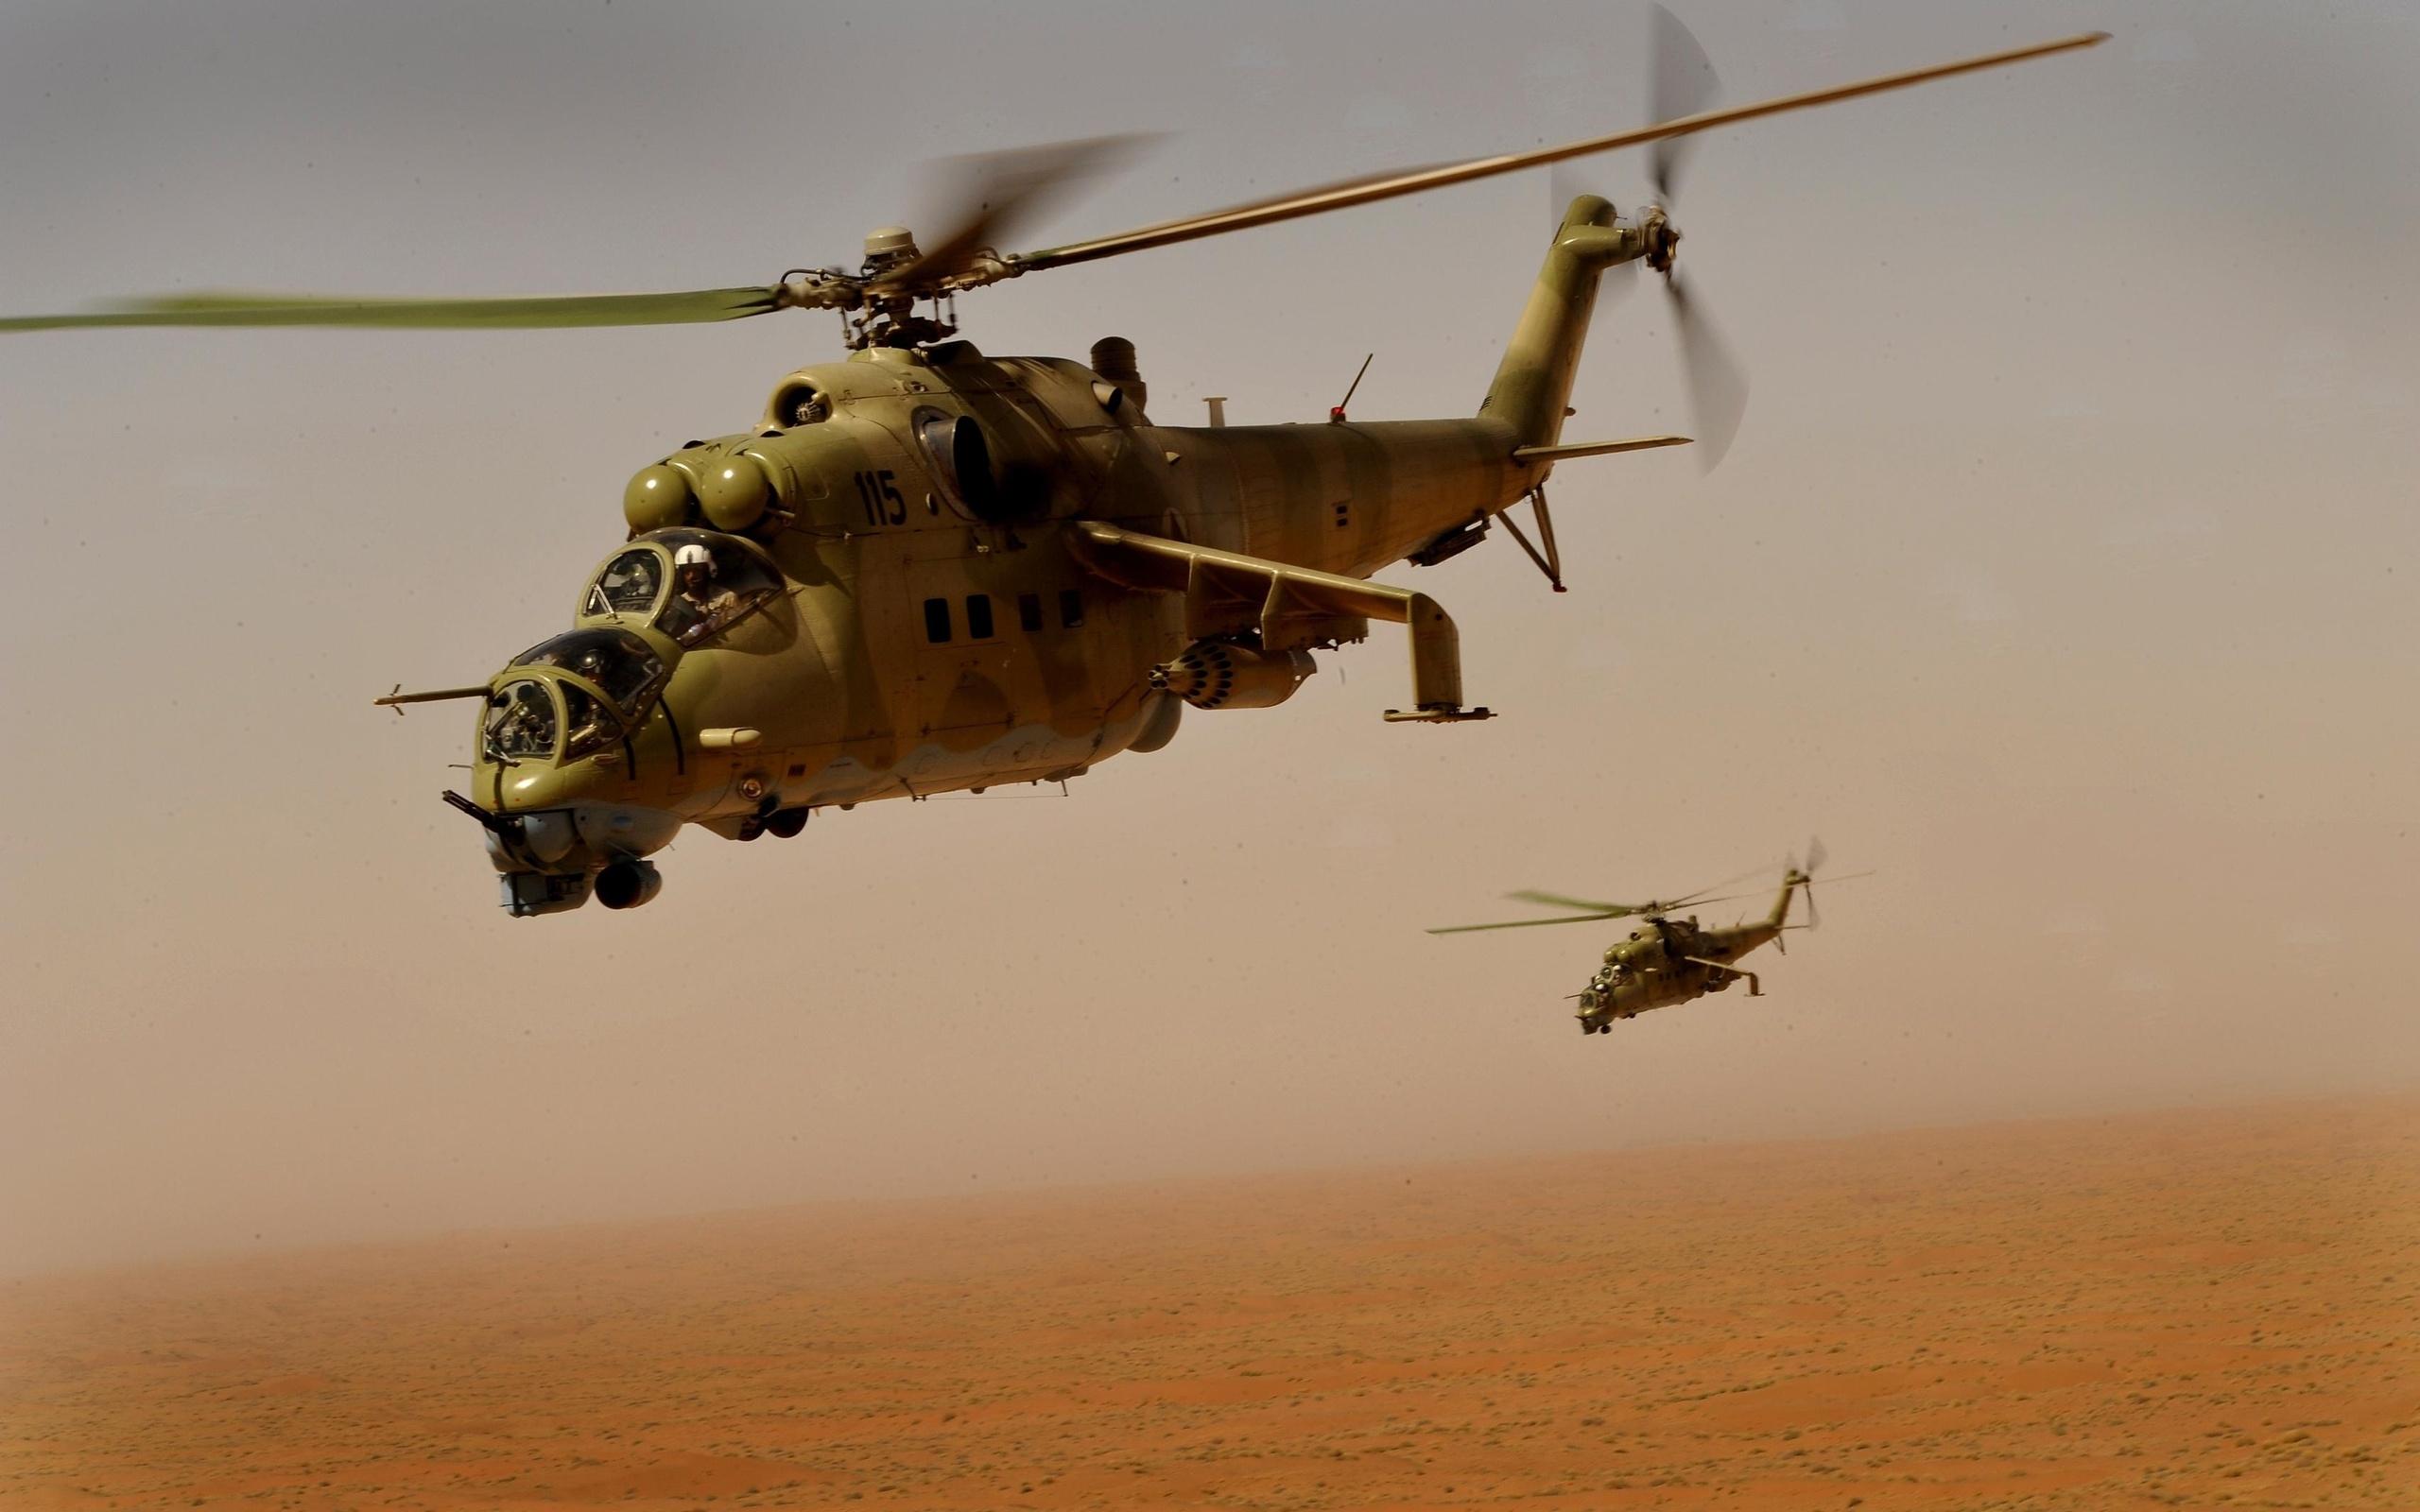 Желтый самолет в пустыне загрузить